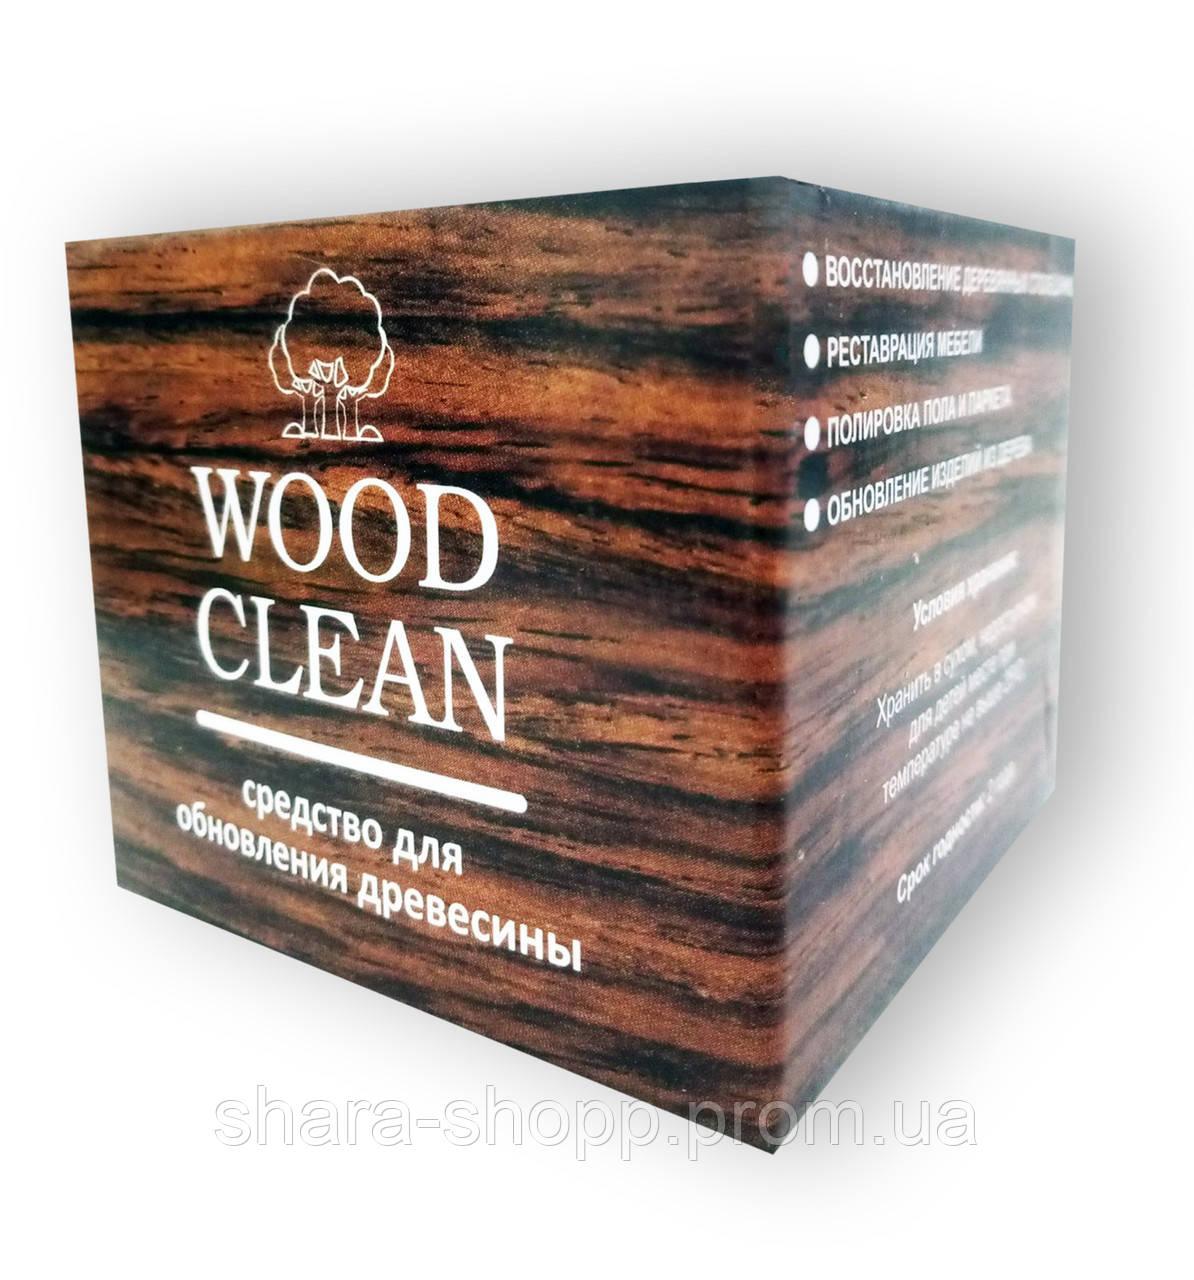 Wood Clean - Средство для обновления древесины (Вуд Клин)